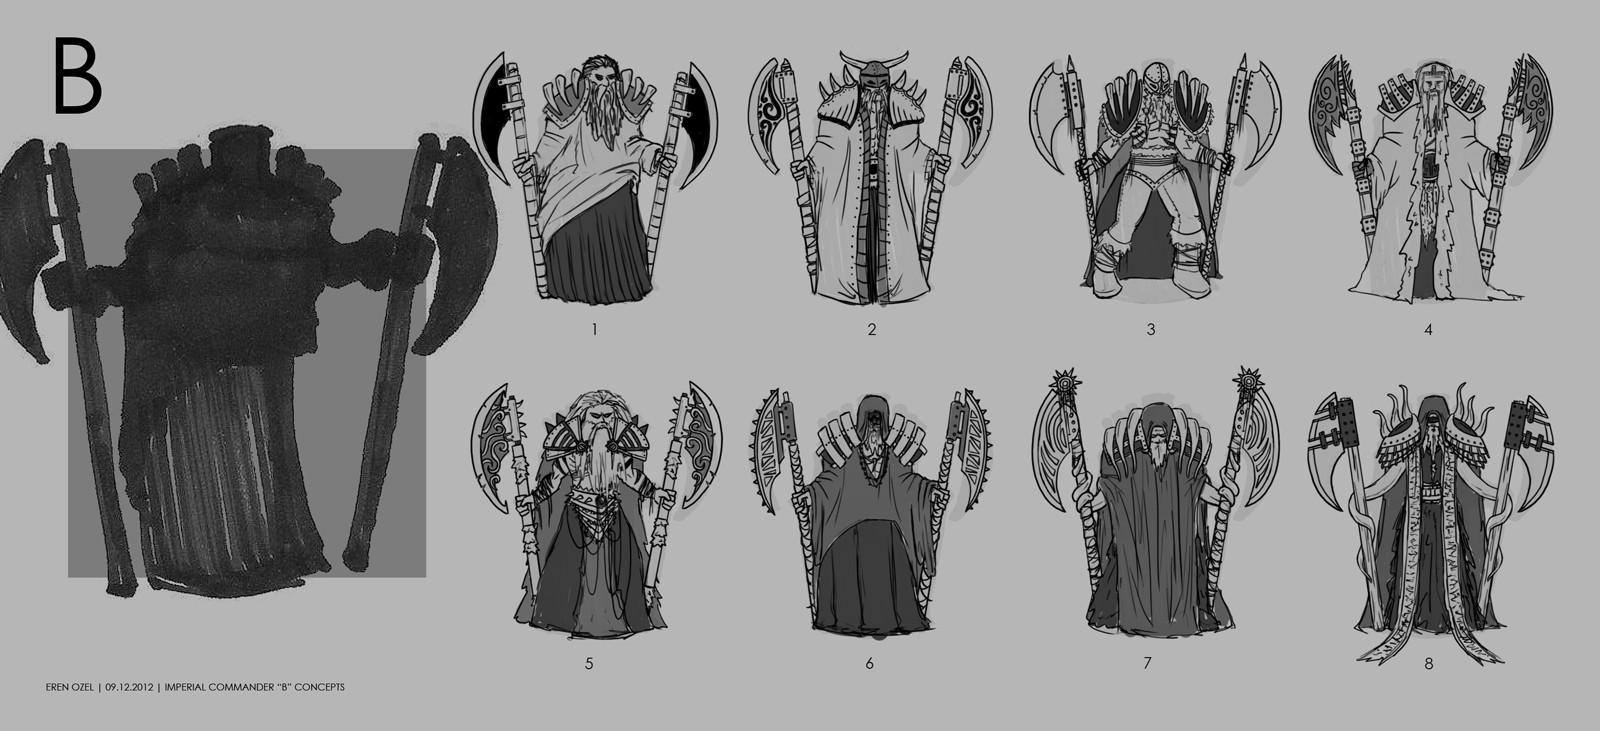 Eren ozel imperial commanders concepts b 1600x731